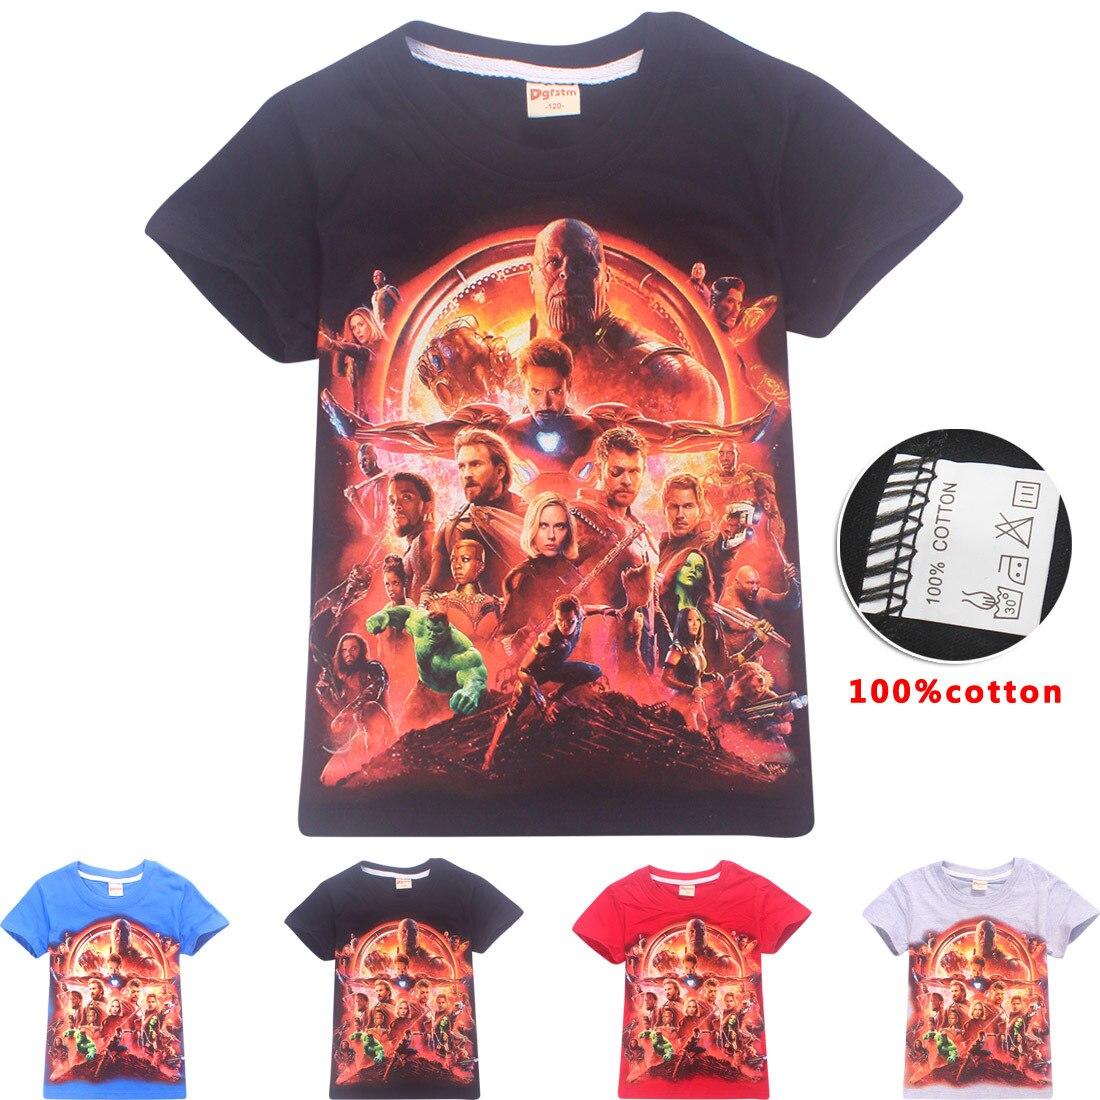 2018 Summer Avengers Infinity War Print T Shirt Boys Girls T-shirt Children Cartoon Top Tee Clothing Halloween Cosplay Costume